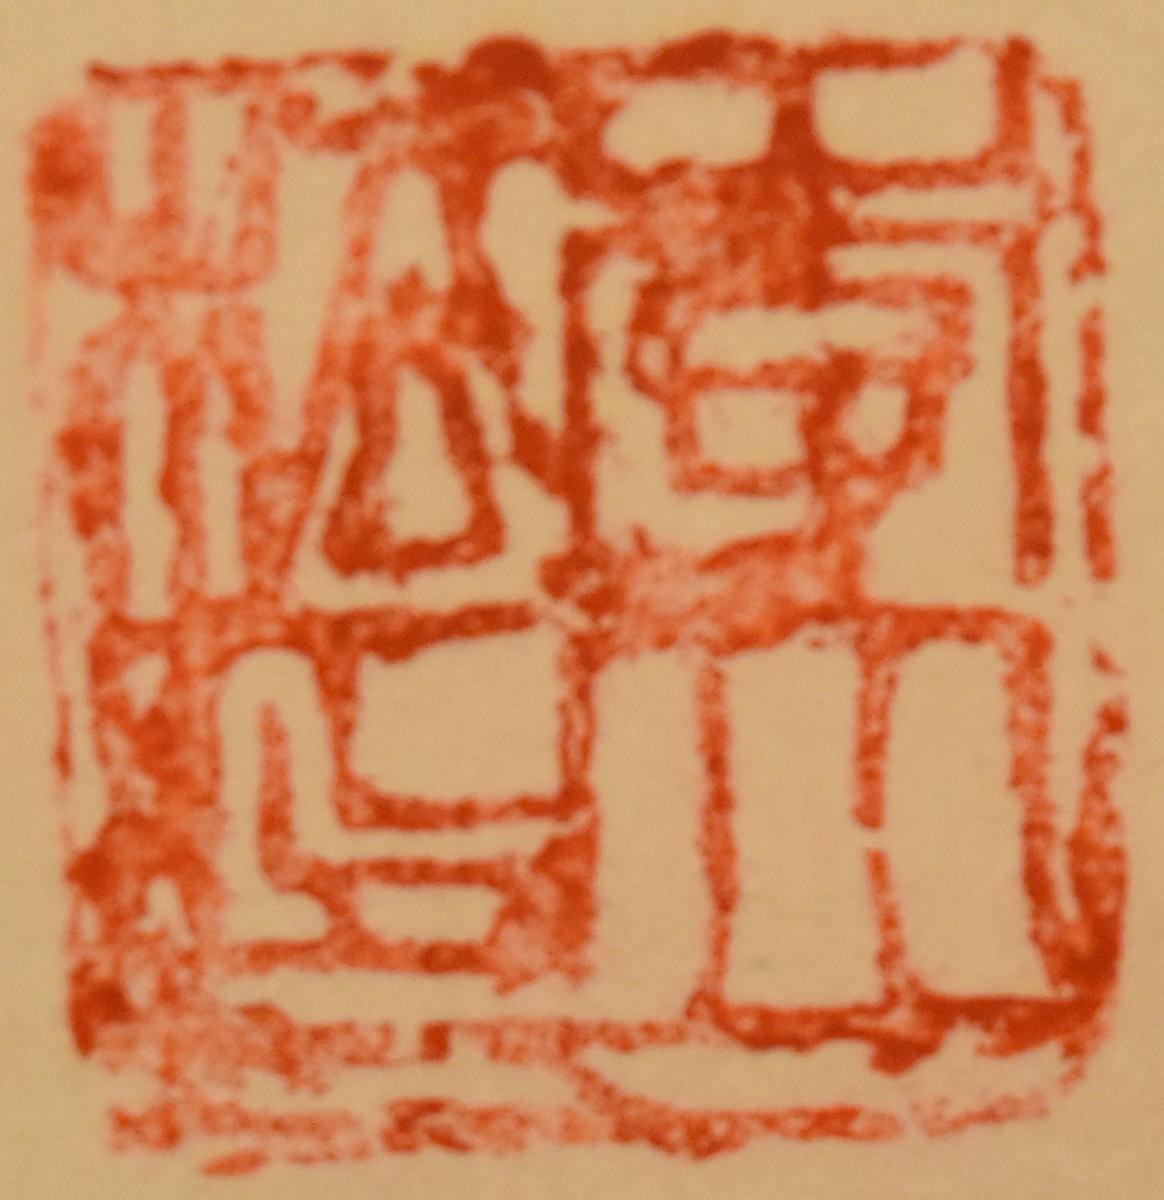 亀寿図 手巻き画絵巻 在銘 画軸 紙本 書軸 お寺 肉筆 立軸 古画 年代保証 掛け軸 古美術 茶掛 中国書画 唐物 入札 WWKK152_画像6